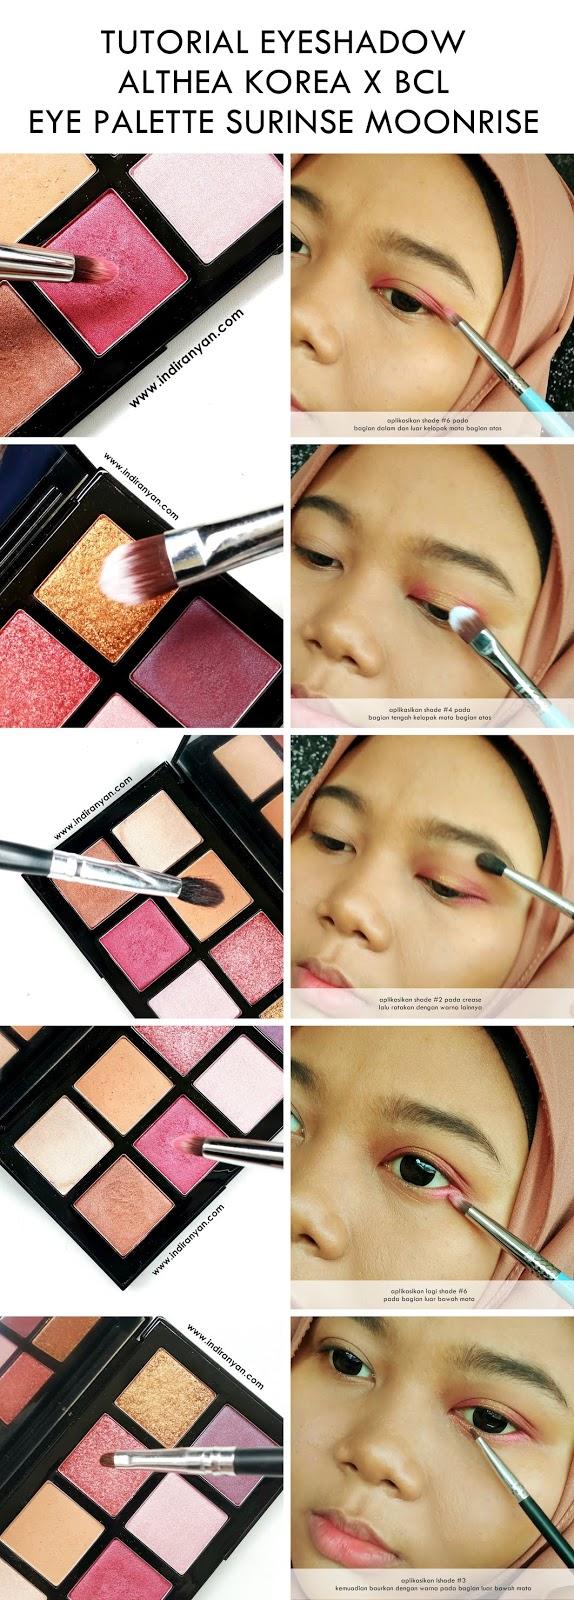 althea-x-bcl-eye-palette